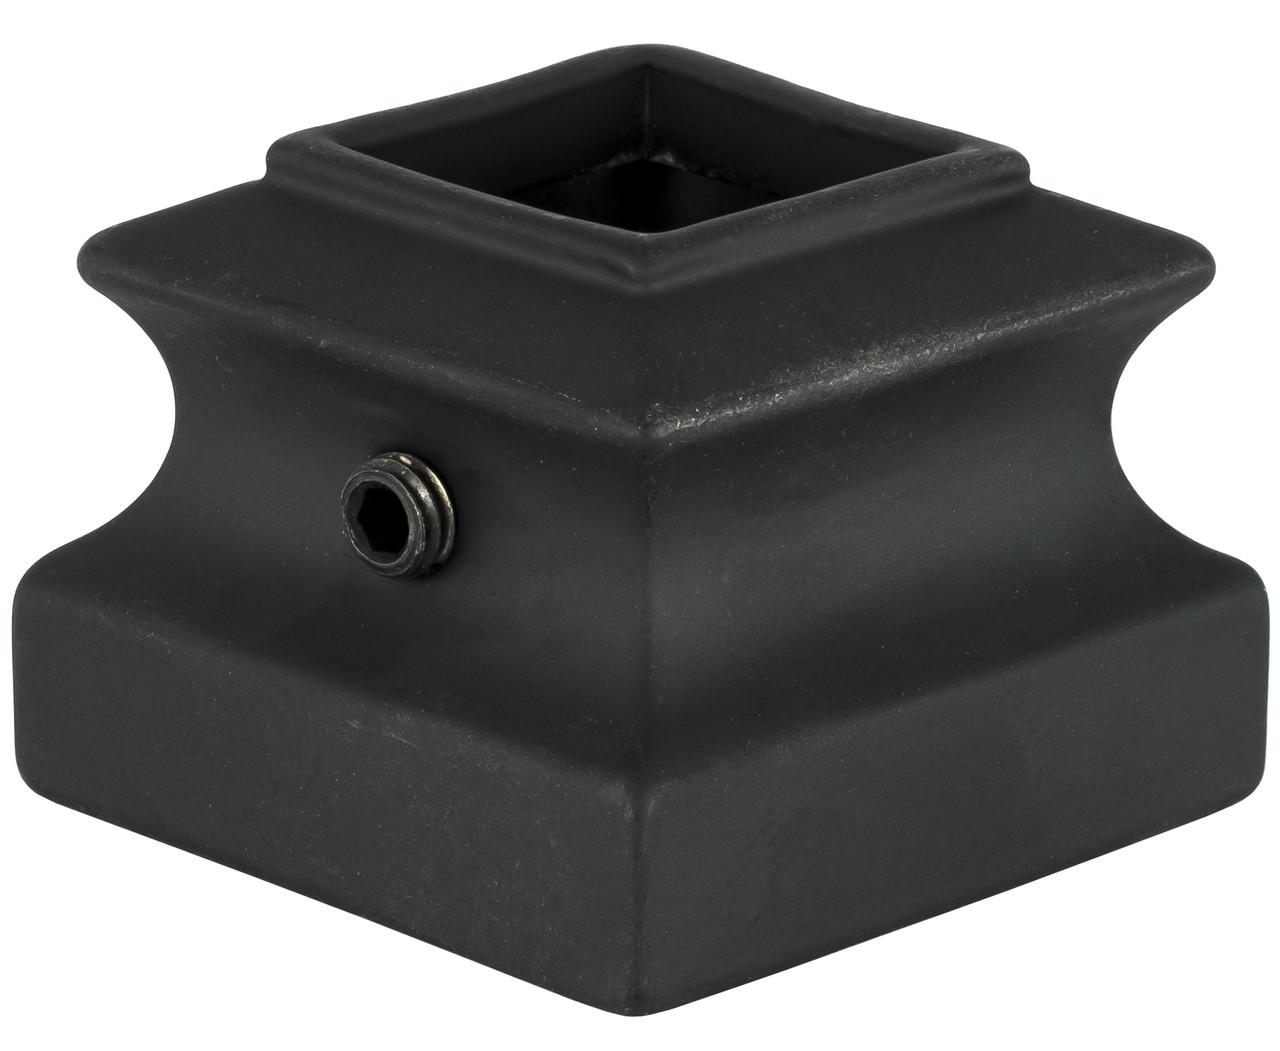 2G900 Shown in Satin Black